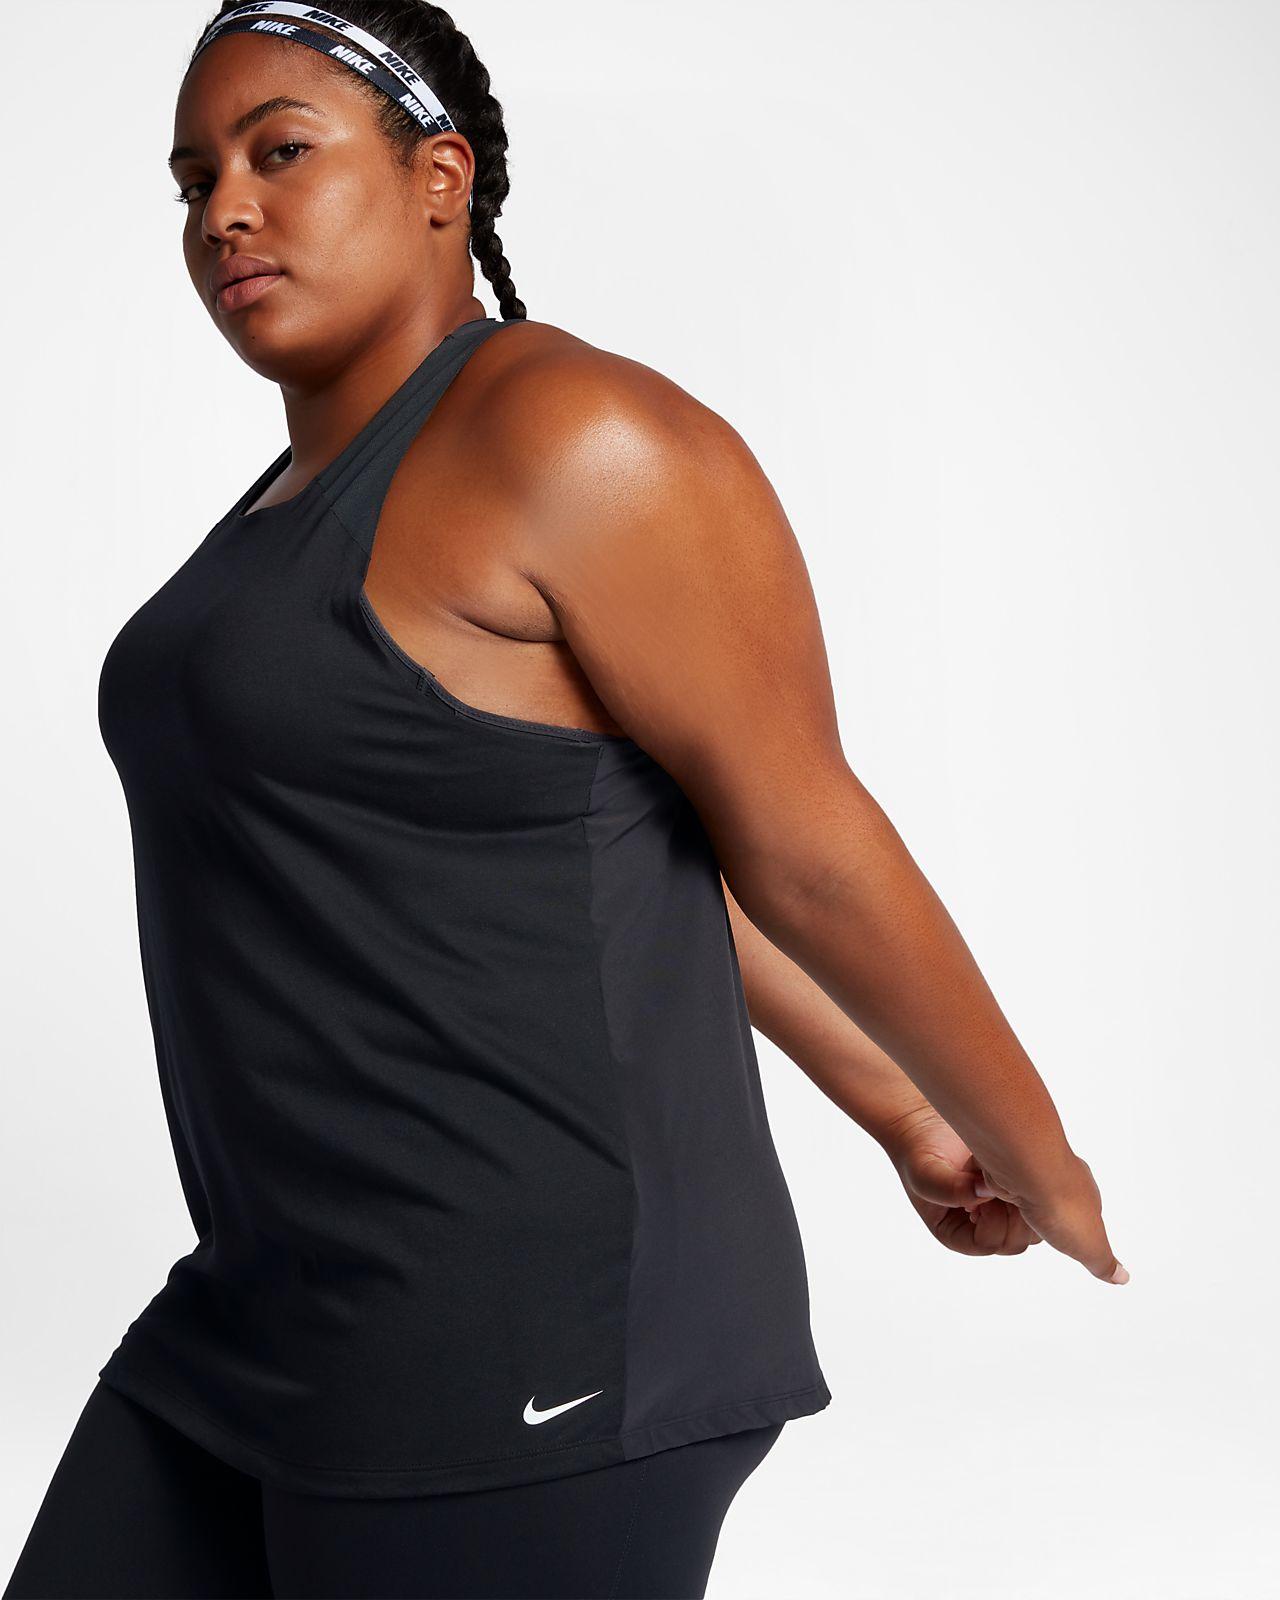 Nike Tirantes talla Camiseta Para Breathe Entrenamiento Mujer Grande De p4WgO1zX